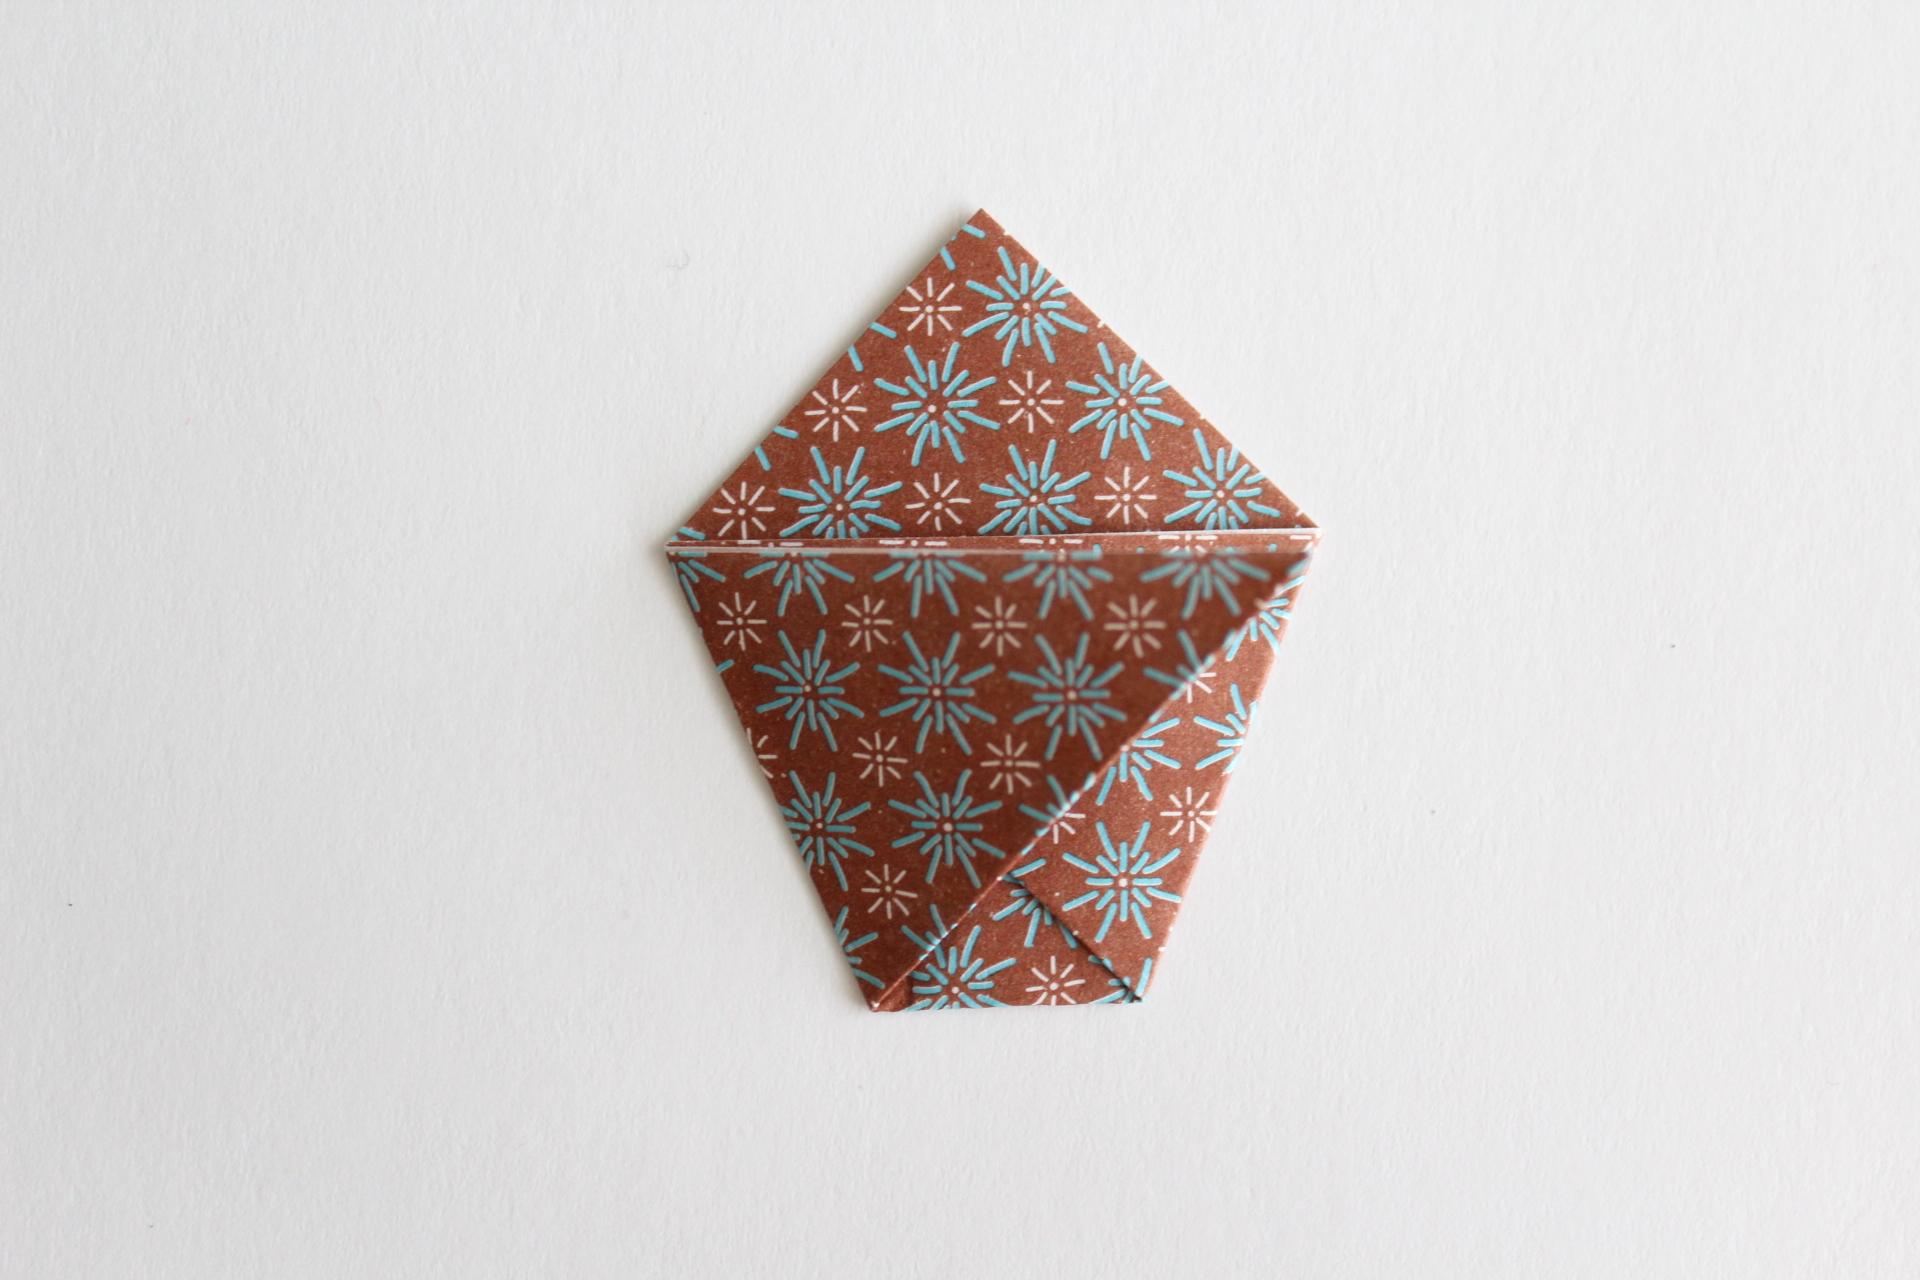 クリスマスツリーの折り方11